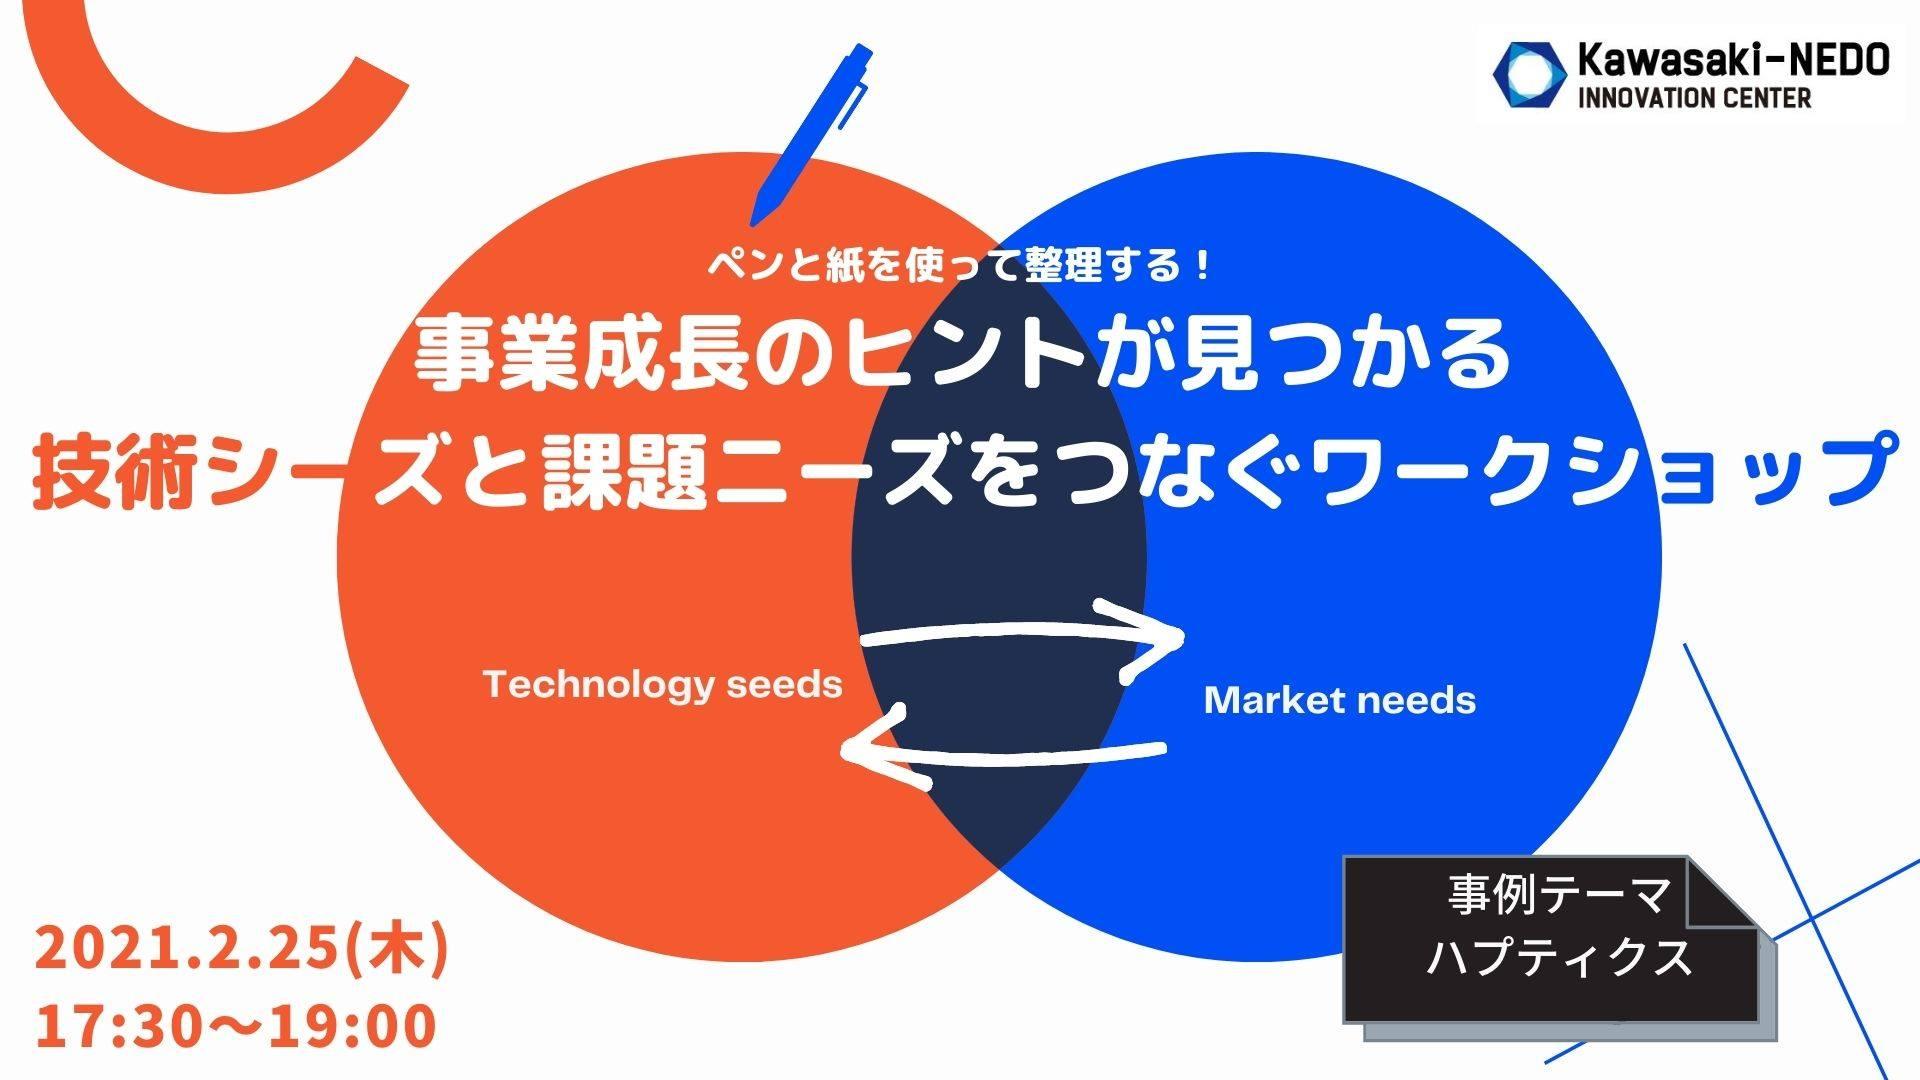 【オンライン】ペンと紙を使って整理する! 事業成長のヒントが見つかる 技術シーズと課題ニーズをつなぐワークショップ